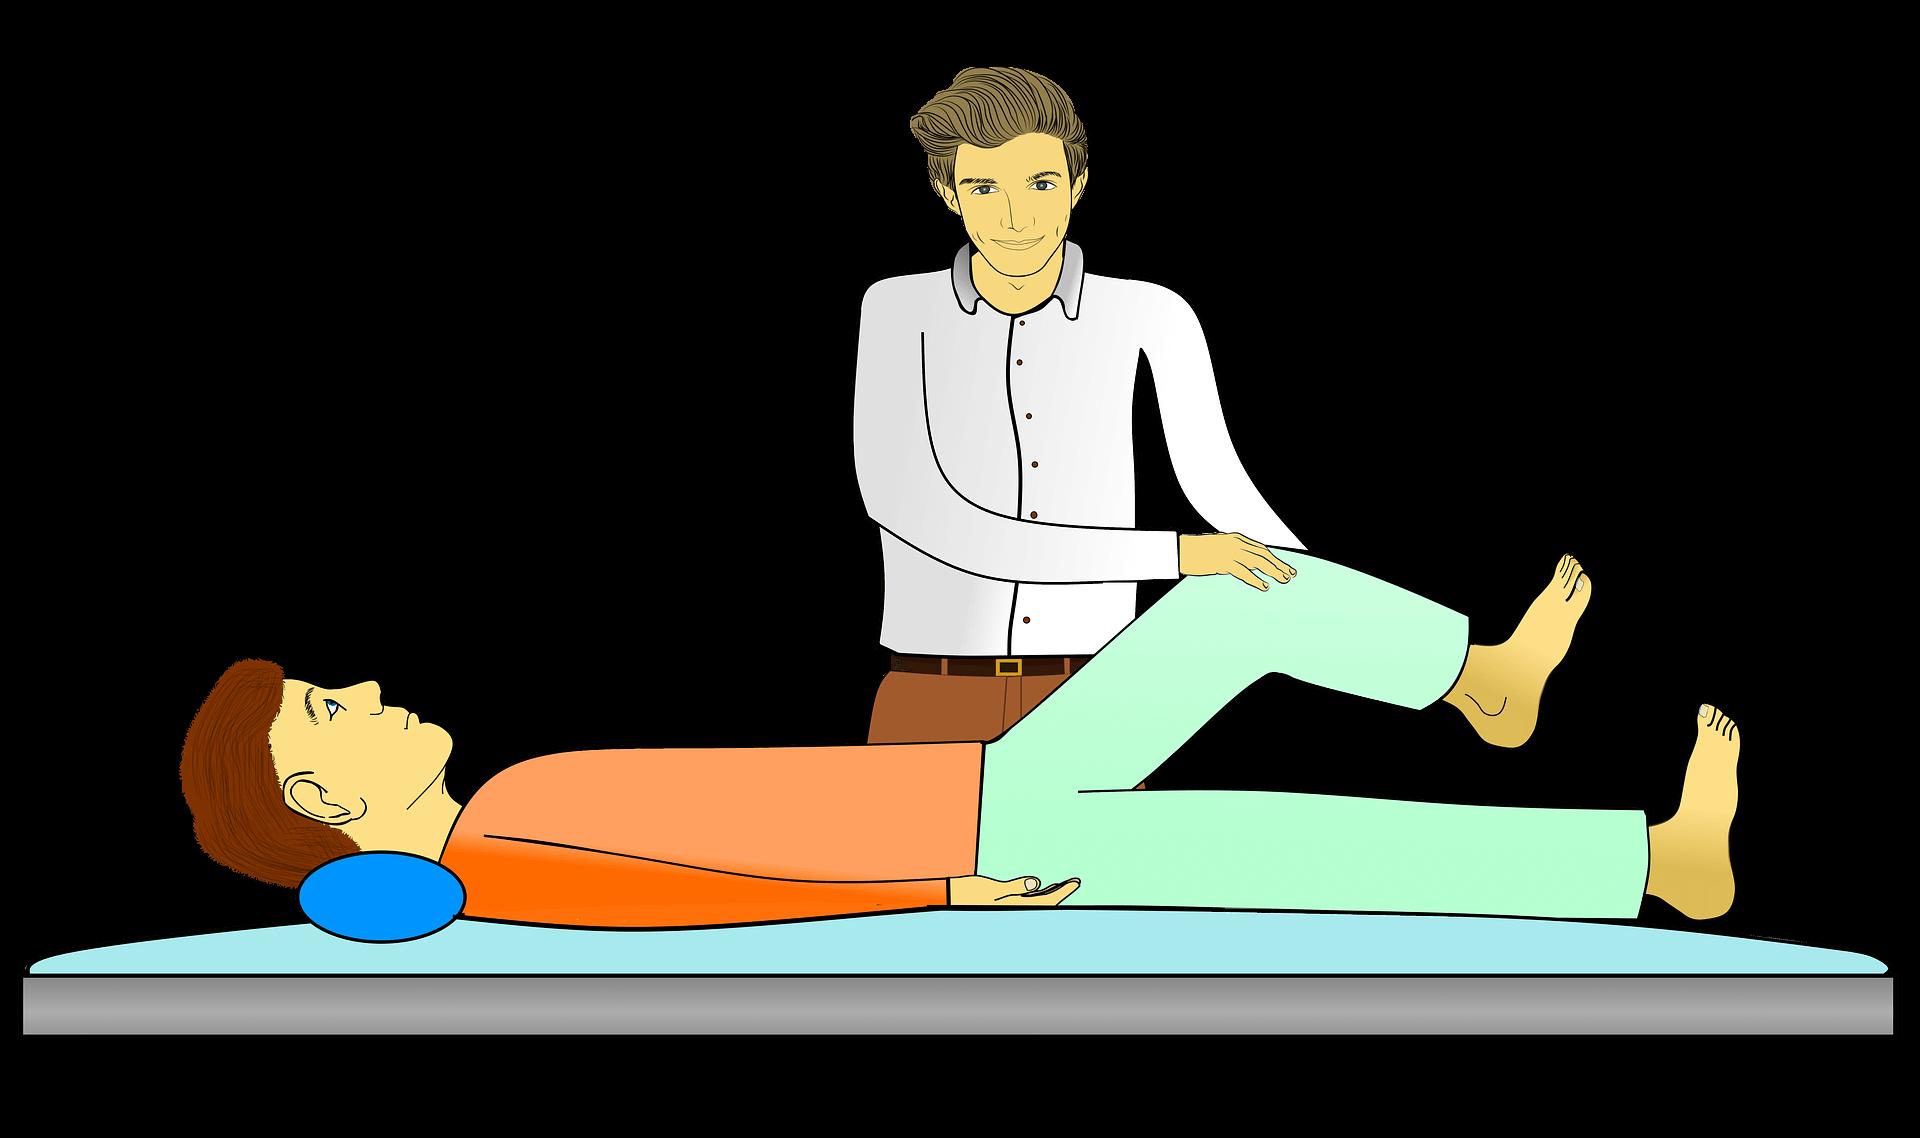 reabilitação física, após uma lesão medular.